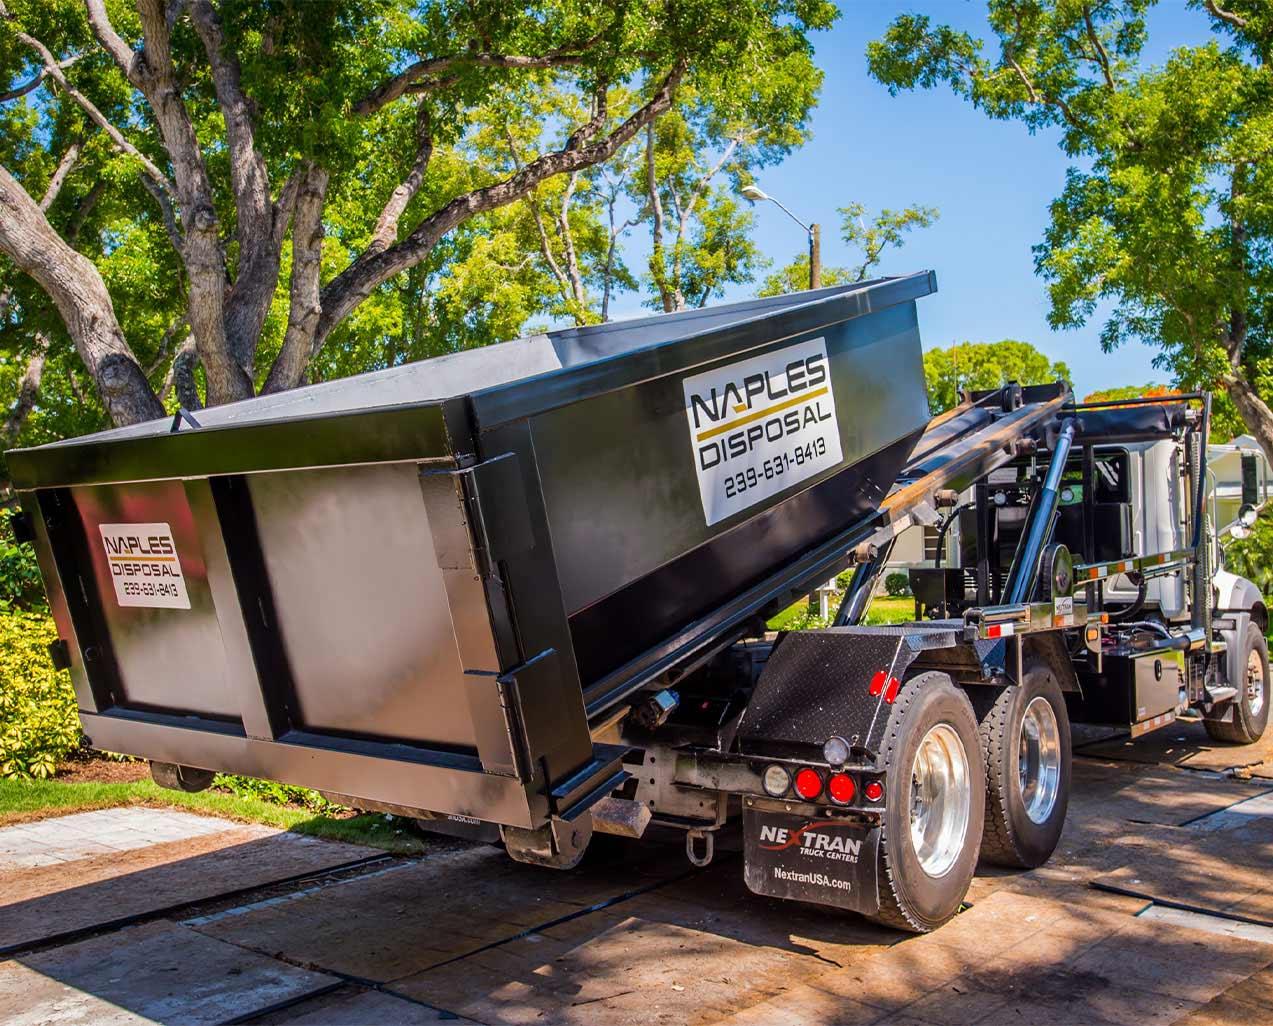 Roll Off Dumpster Rentals | Naples Excavating - Southwest Florida Dumpster Rentals